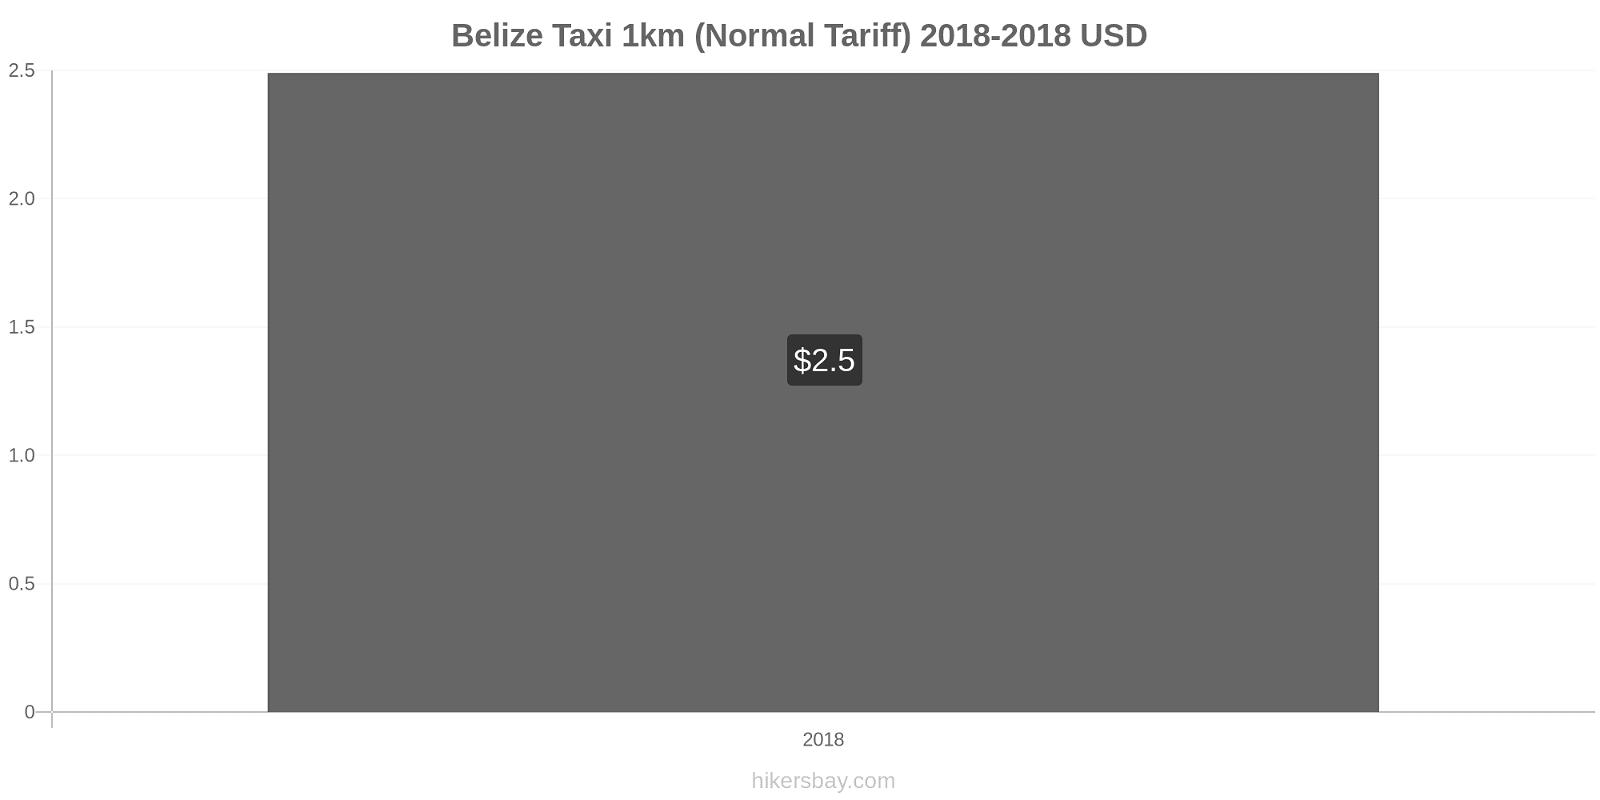 Belize price changes Taxi 1km (Normal Tariff) hikersbay.com